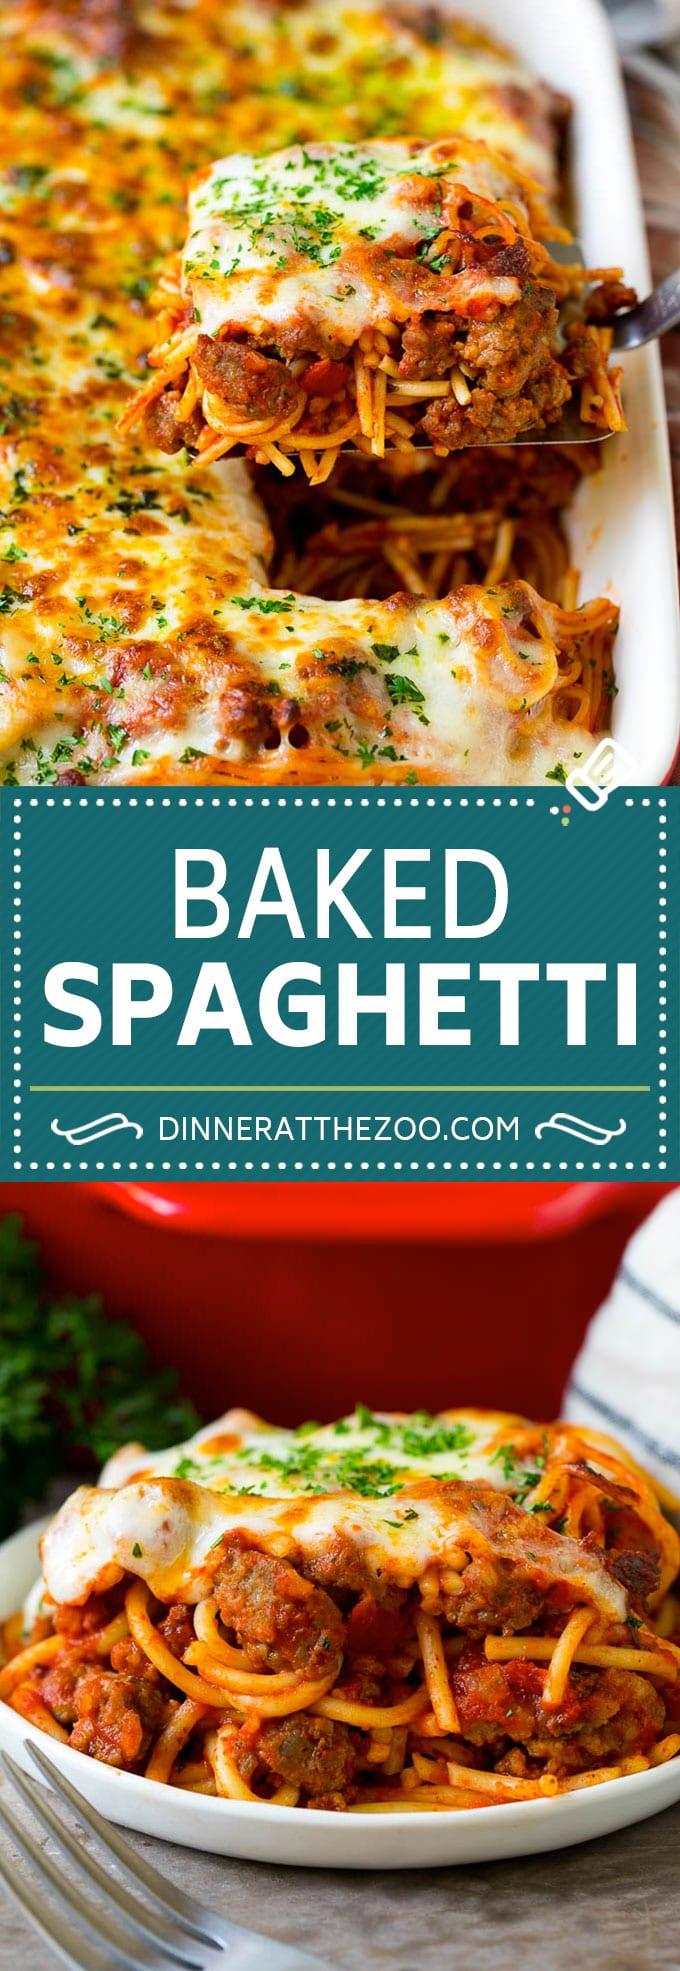 Baked Spaghetti Recipe | Baked Pasta #spaghetti #pasta #cheese #casserole #beef #sausage #dinner #dinneratthezoo